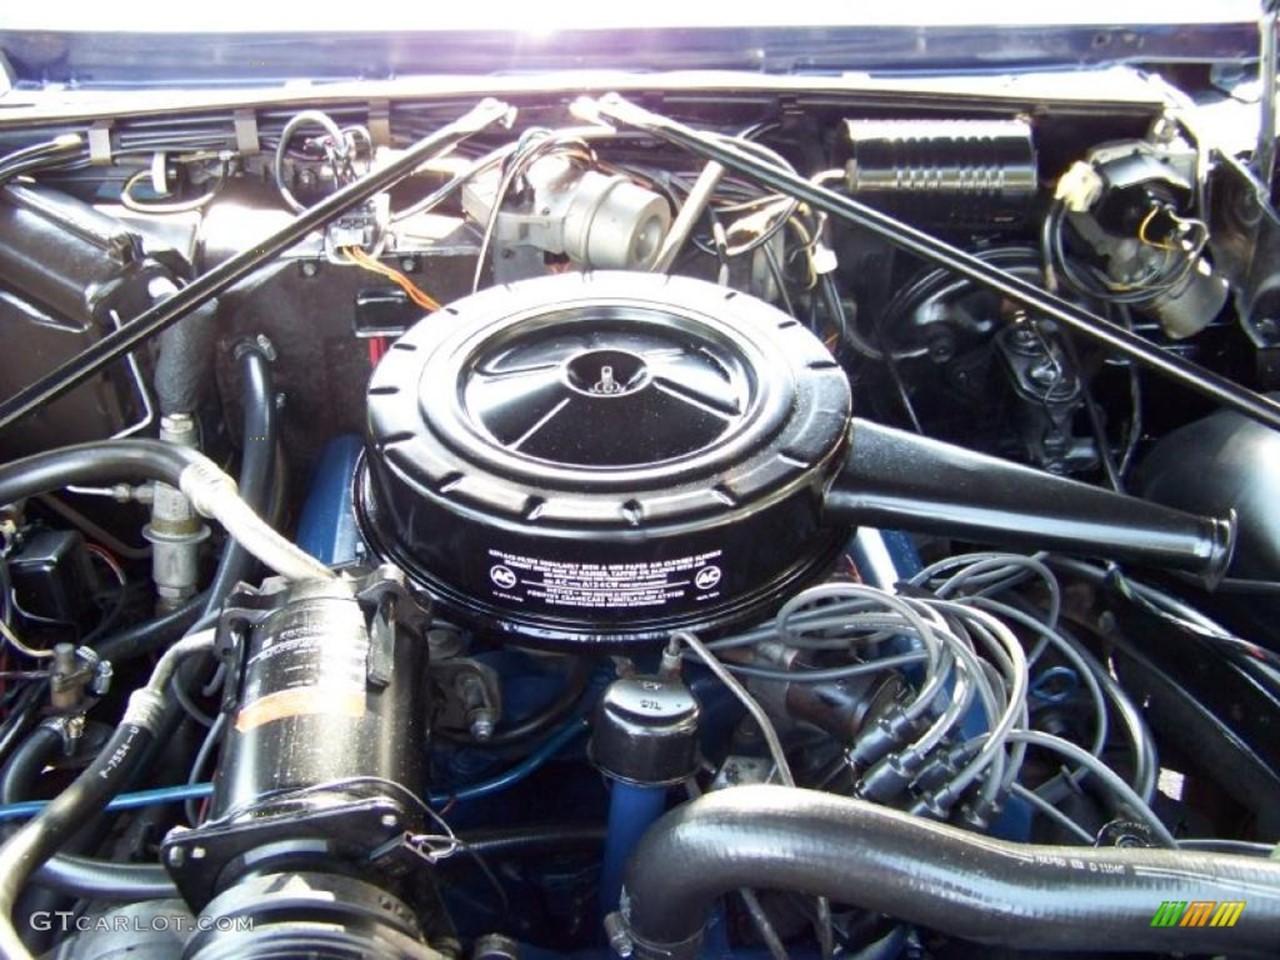 1967 Cadillac Calais Notoriousluxury